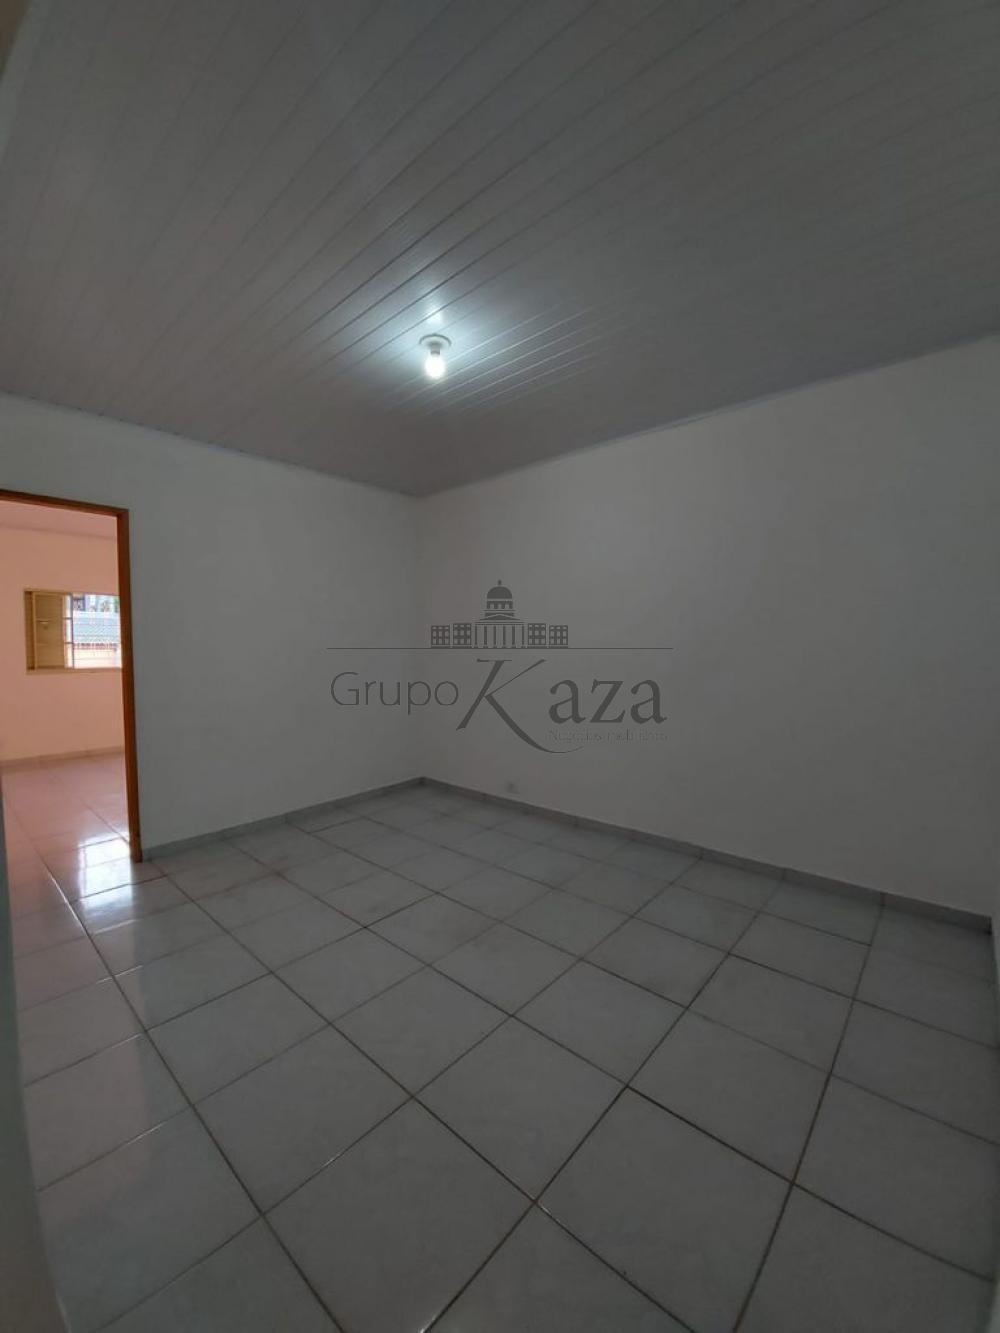 alt='Alugar Casa / Comercial / Residencial em São José dos Campos R$ 2.800,00 - Foto 6' title='Alugar Casa / Comercial / Residencial em São José dos Campos R$ 2.800,00 - Foto 6'